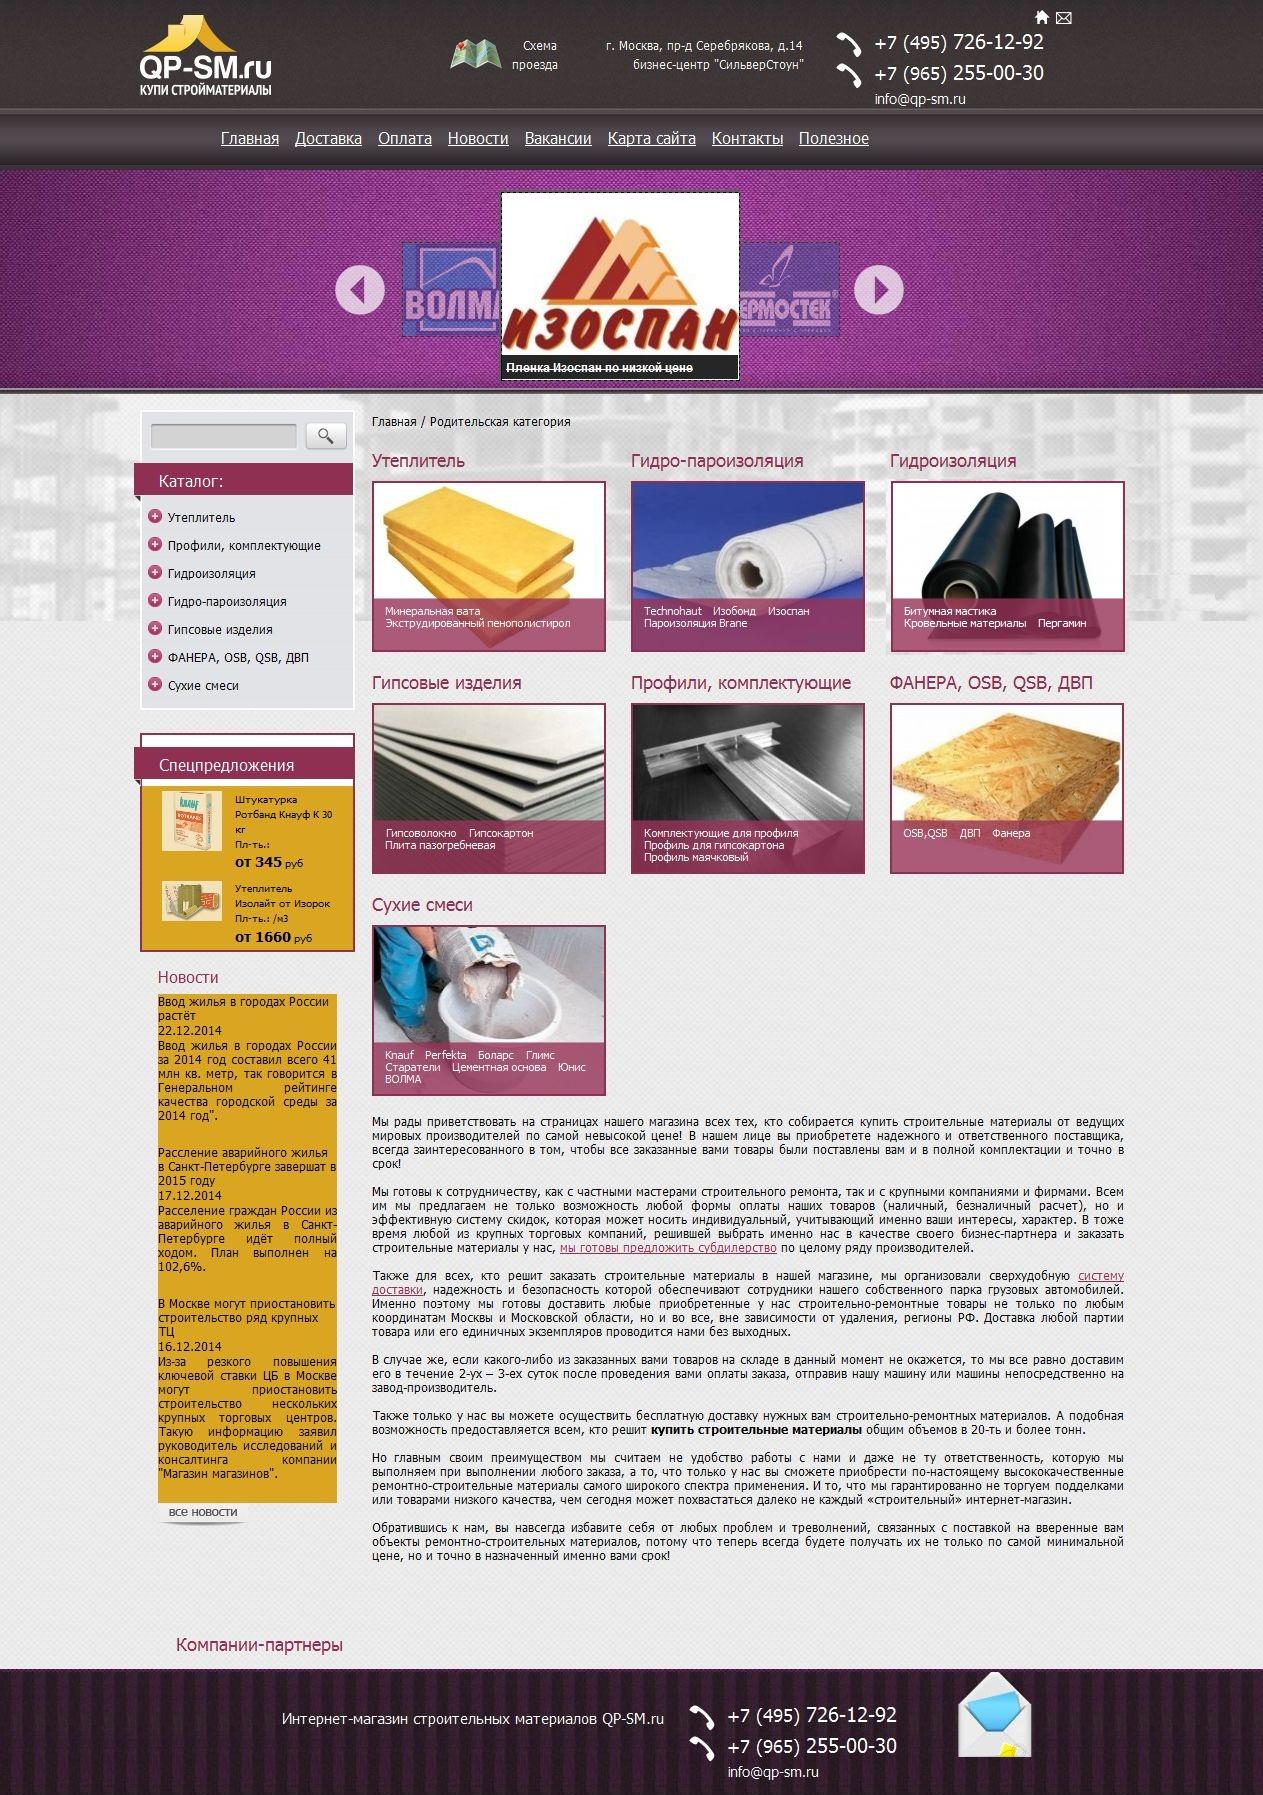 Qp-sm.ru - Интернет-магазин строительных товаров